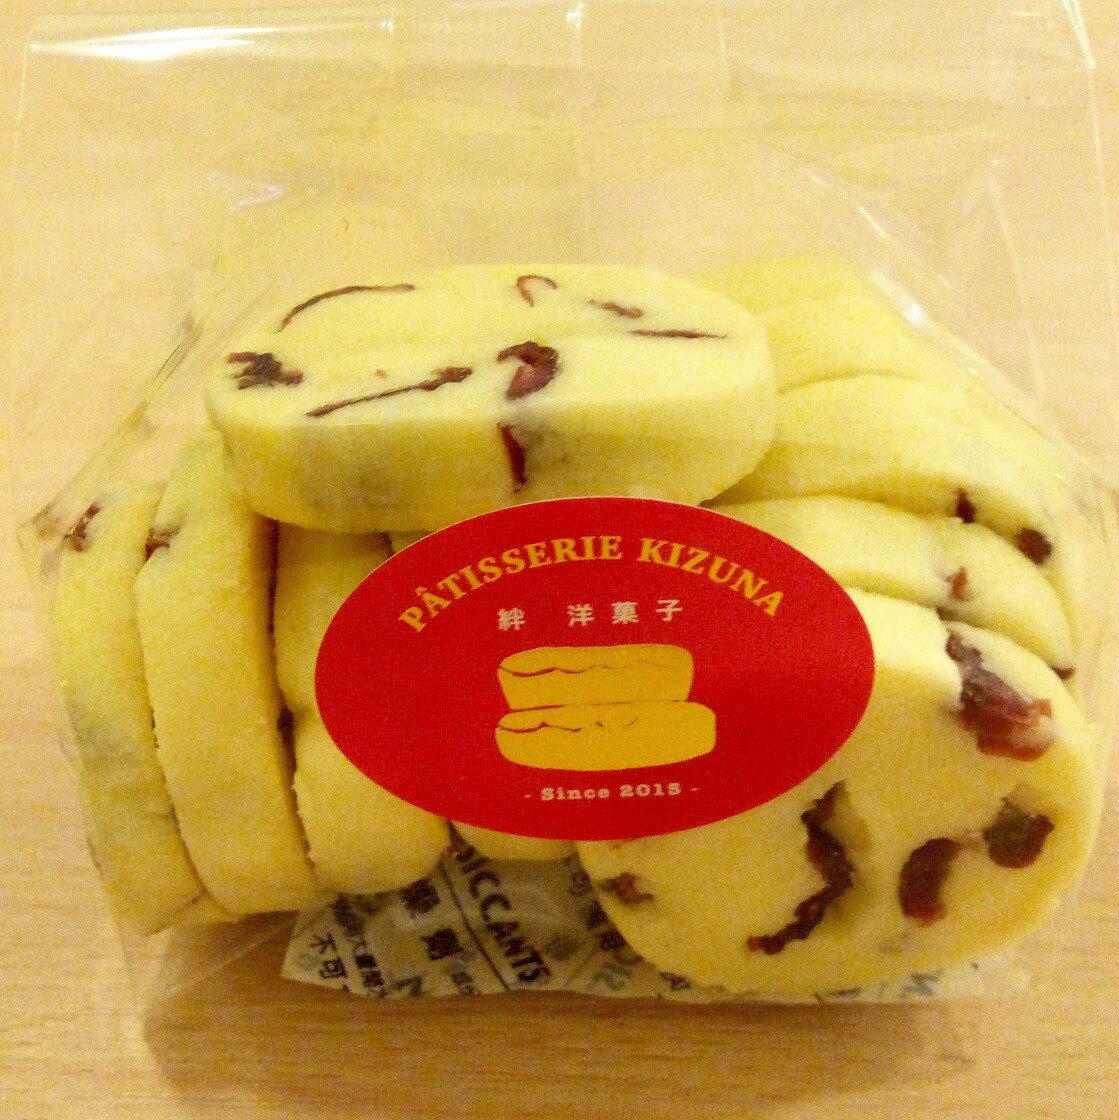 超值商品/蔓越莓手工餅乾/日本製粉鑽石低筋麵粉/法國無鹽發酵奶油